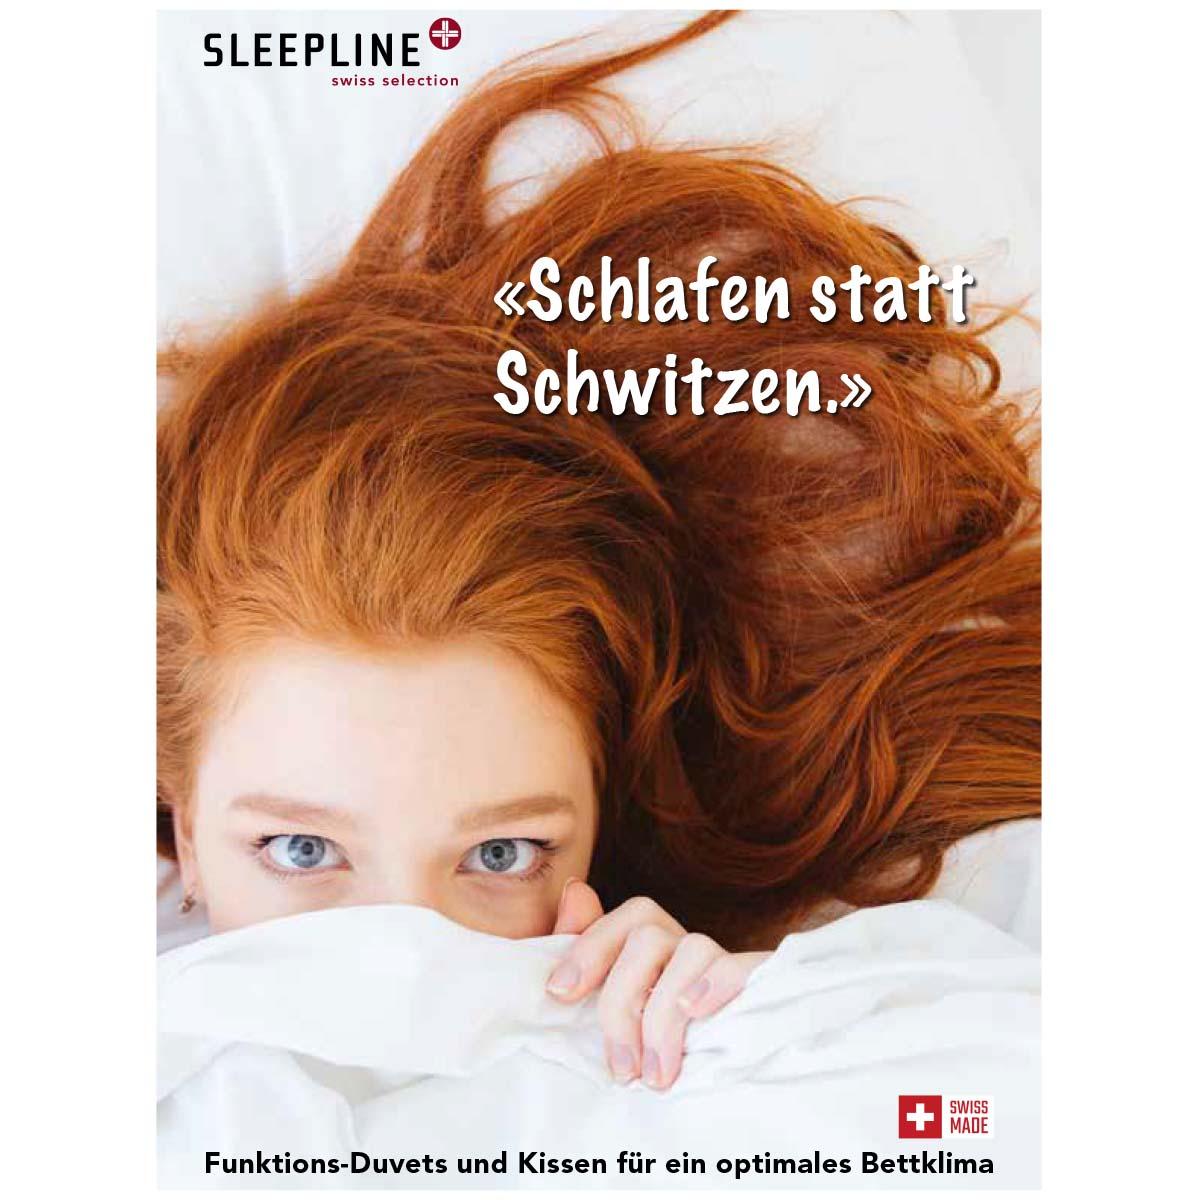 201013_sleepline_schlafenstattschwitzen